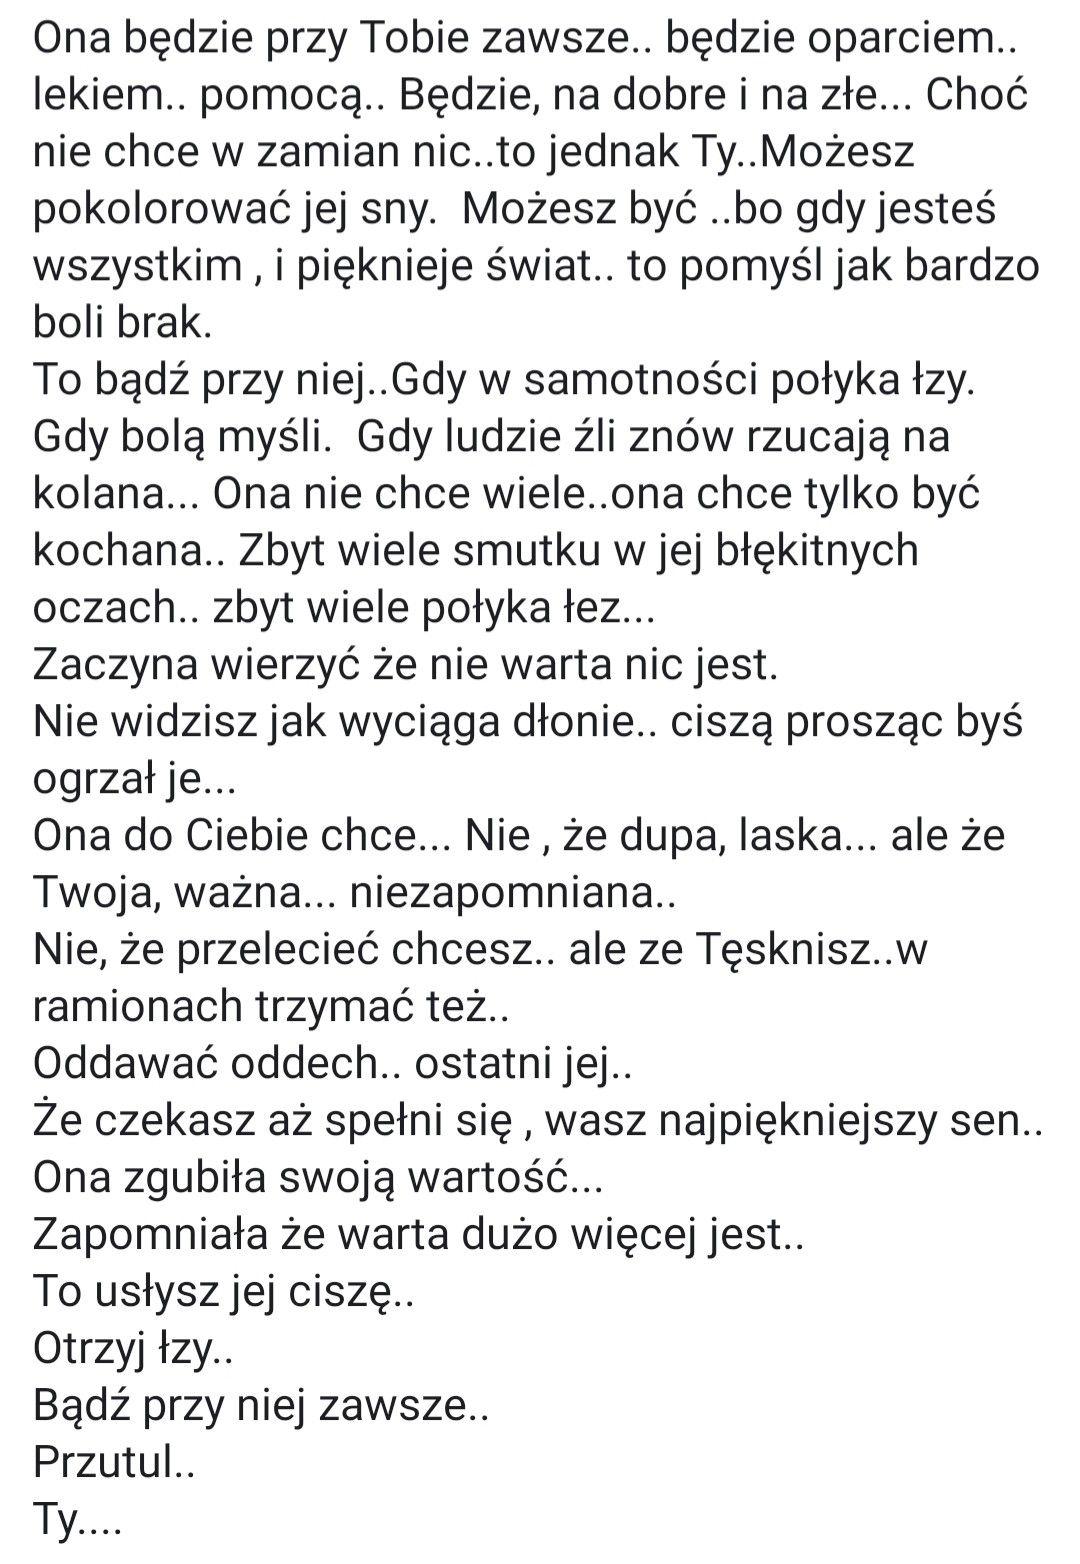 Pin By Oliwia On Piekne Mysli I Slowa Poems Pray My Love